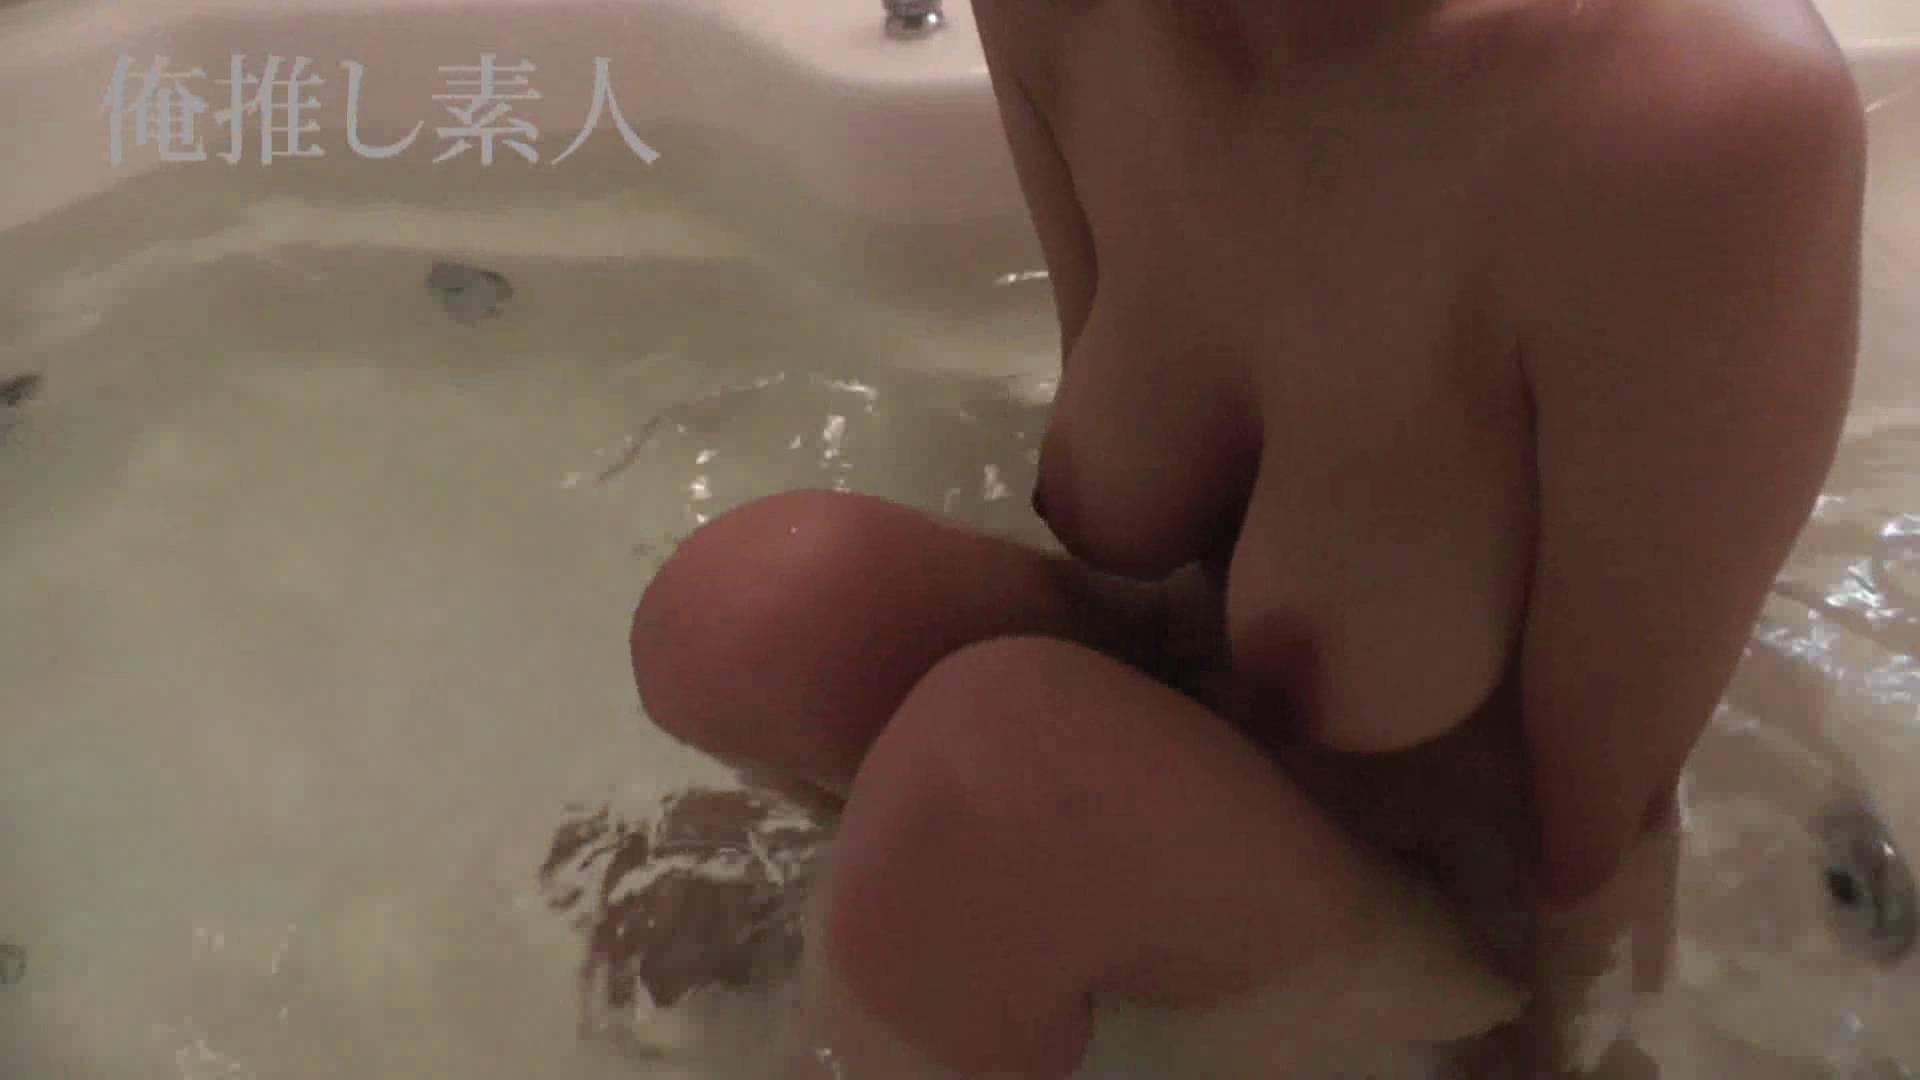 俺推し素人 30代人妻熟女キャバ嬢雫Vol.02 OLヌード天国 | キャバ嬢  71PIX 19